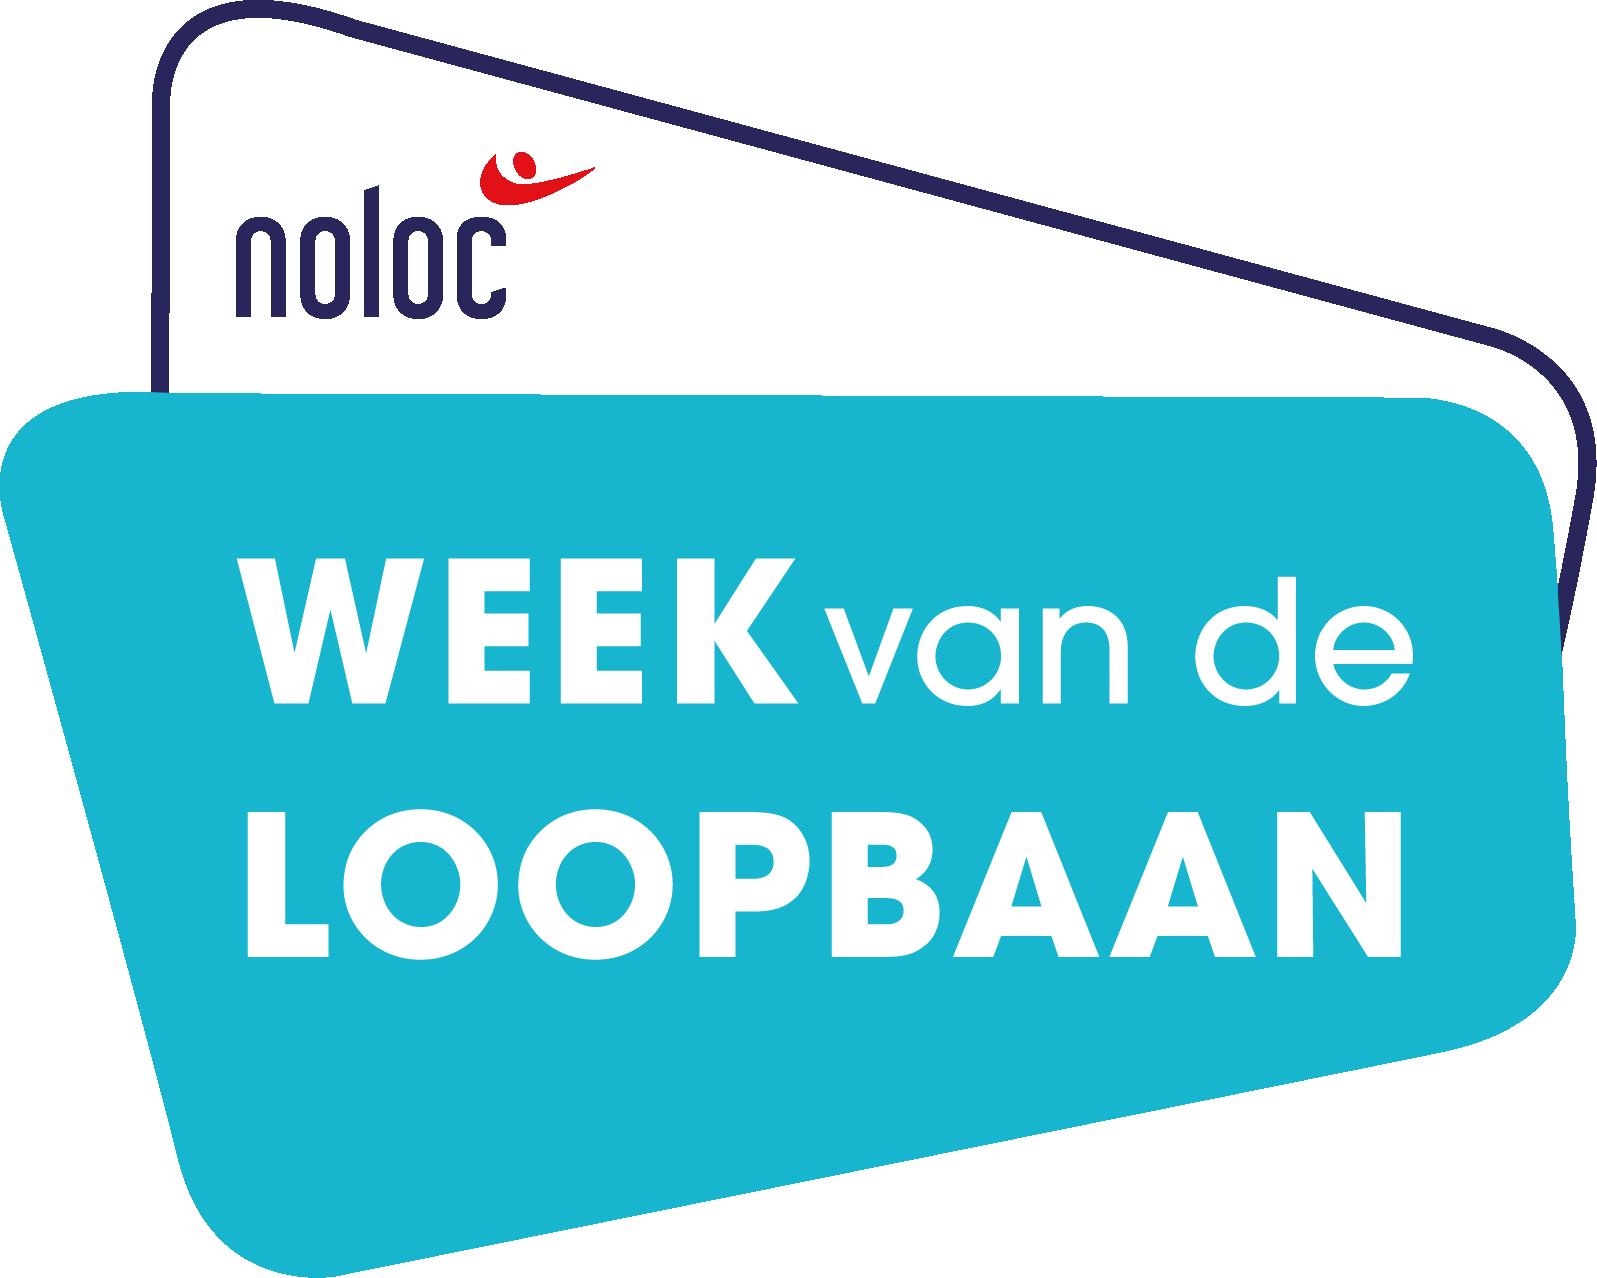 logo Noloc week van de loopbaan